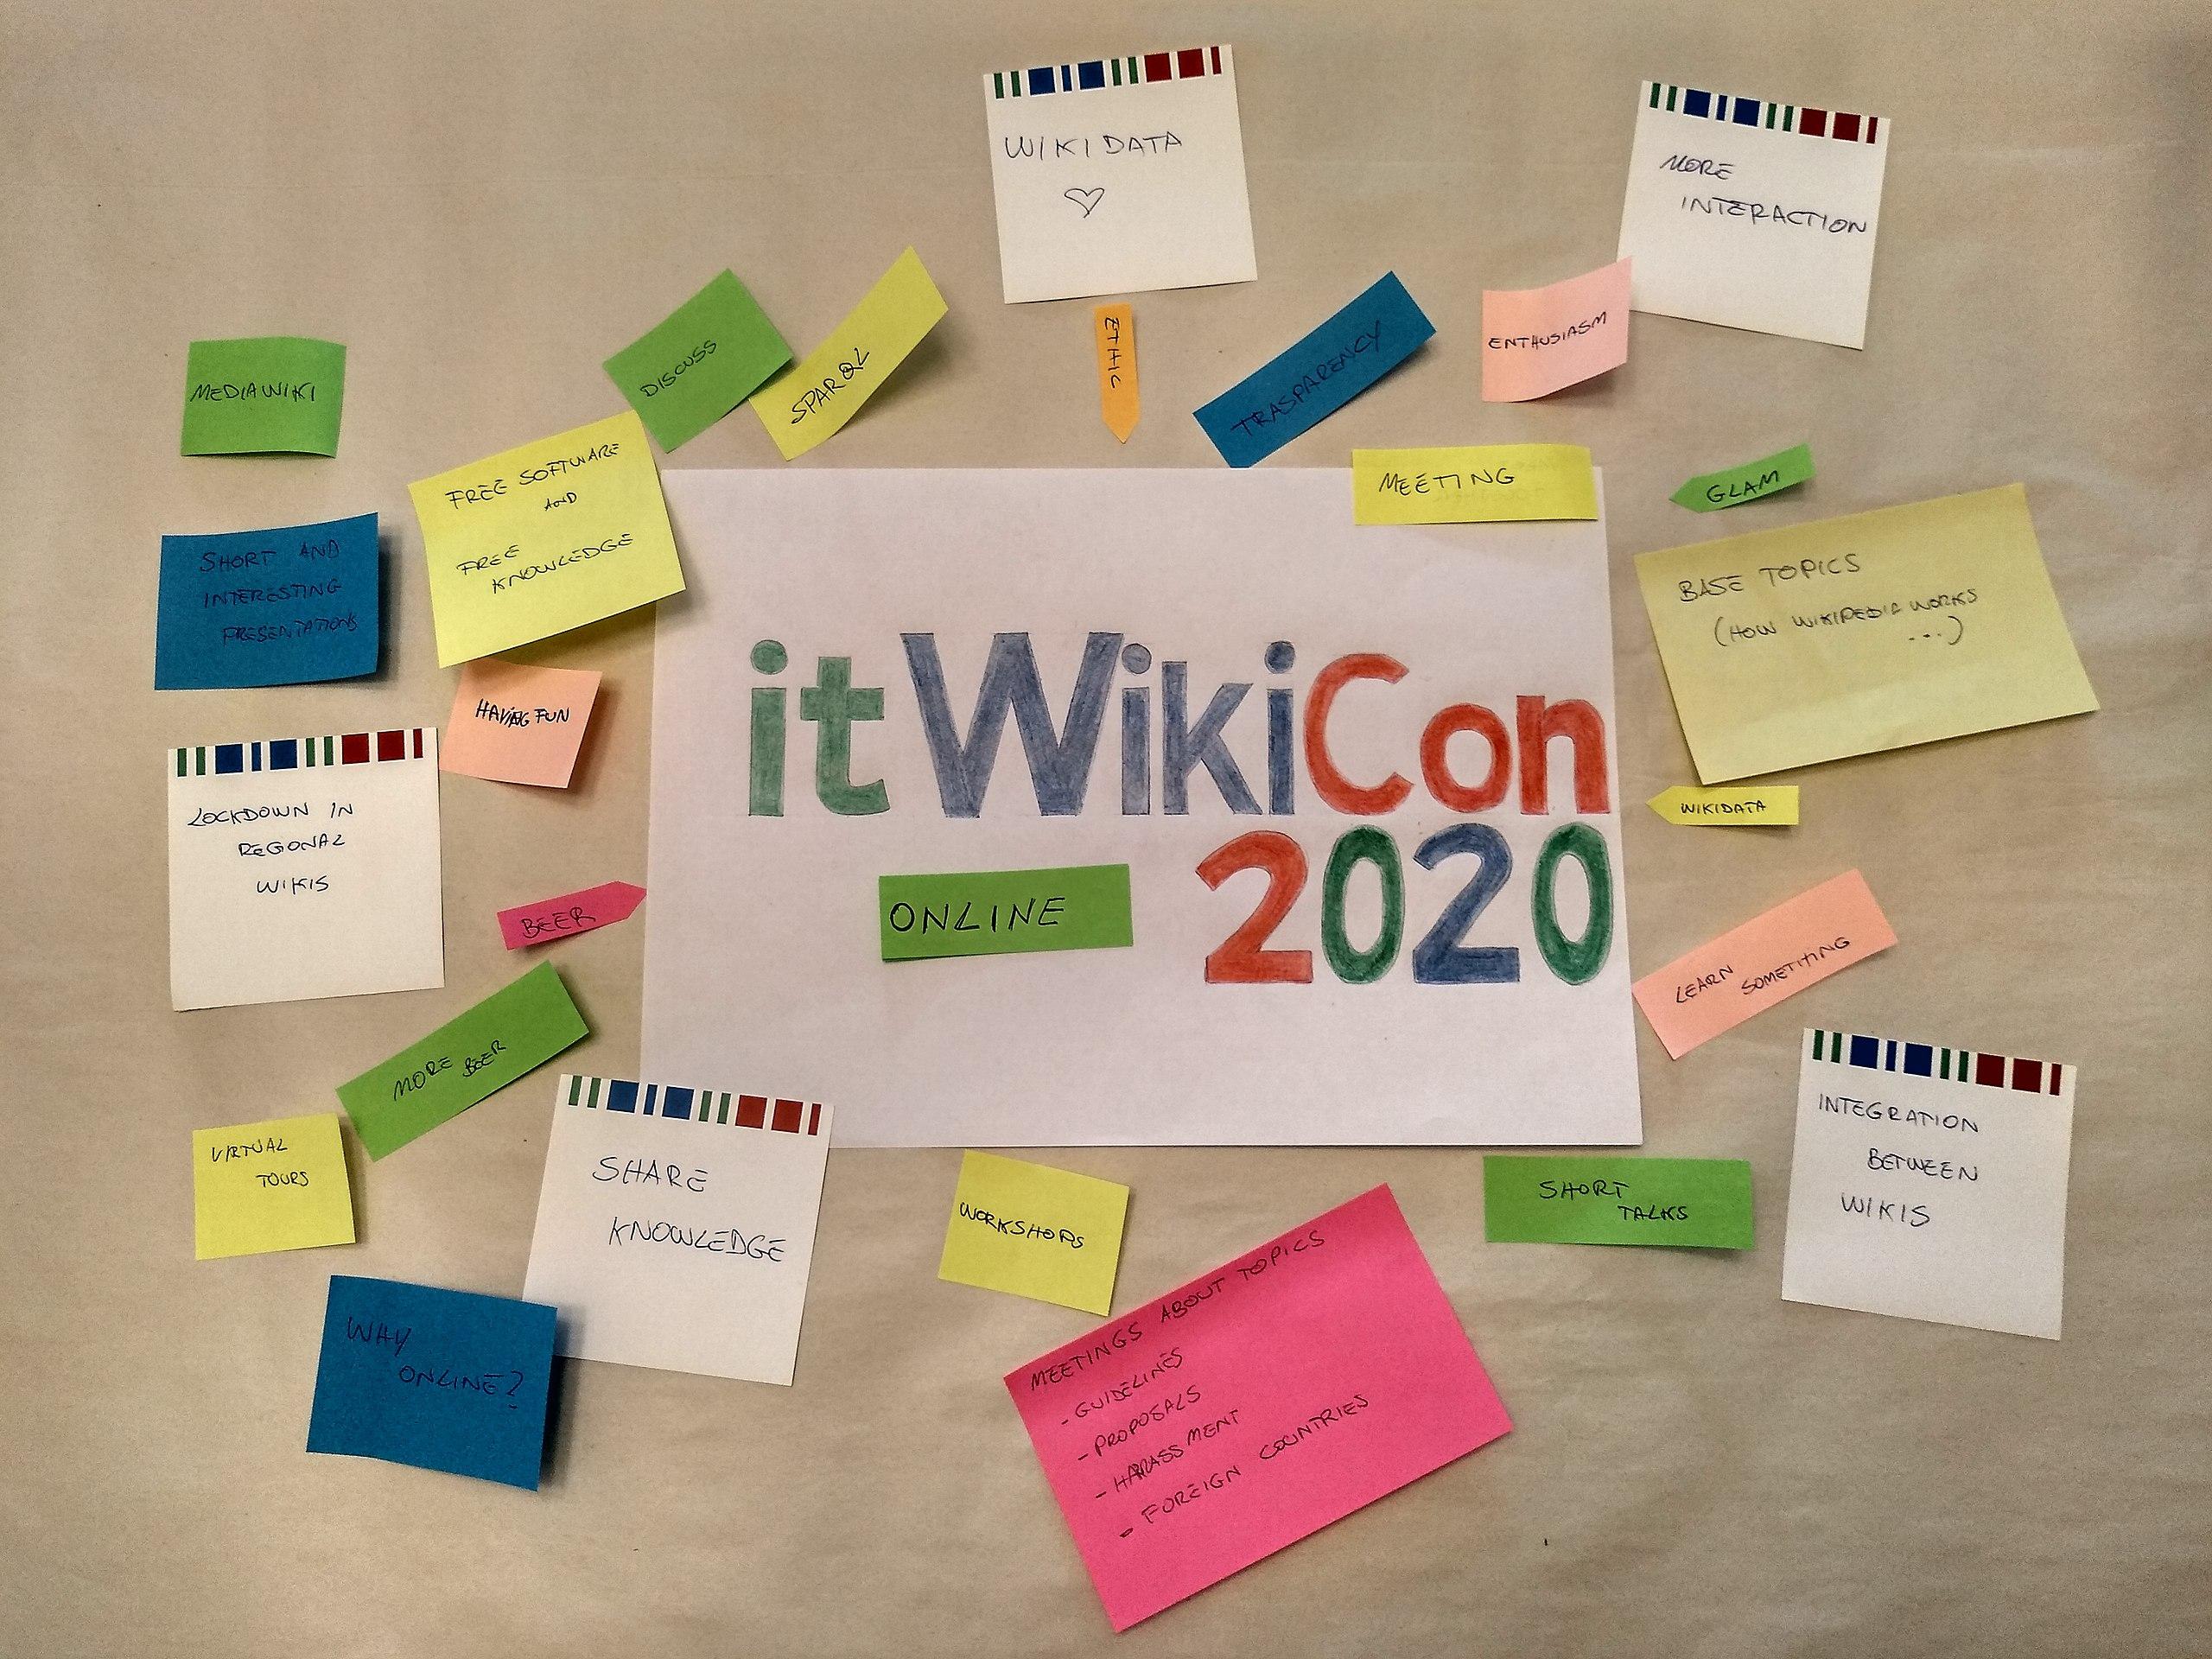 ItWikiCon 2020: Online 24-25 ottobre